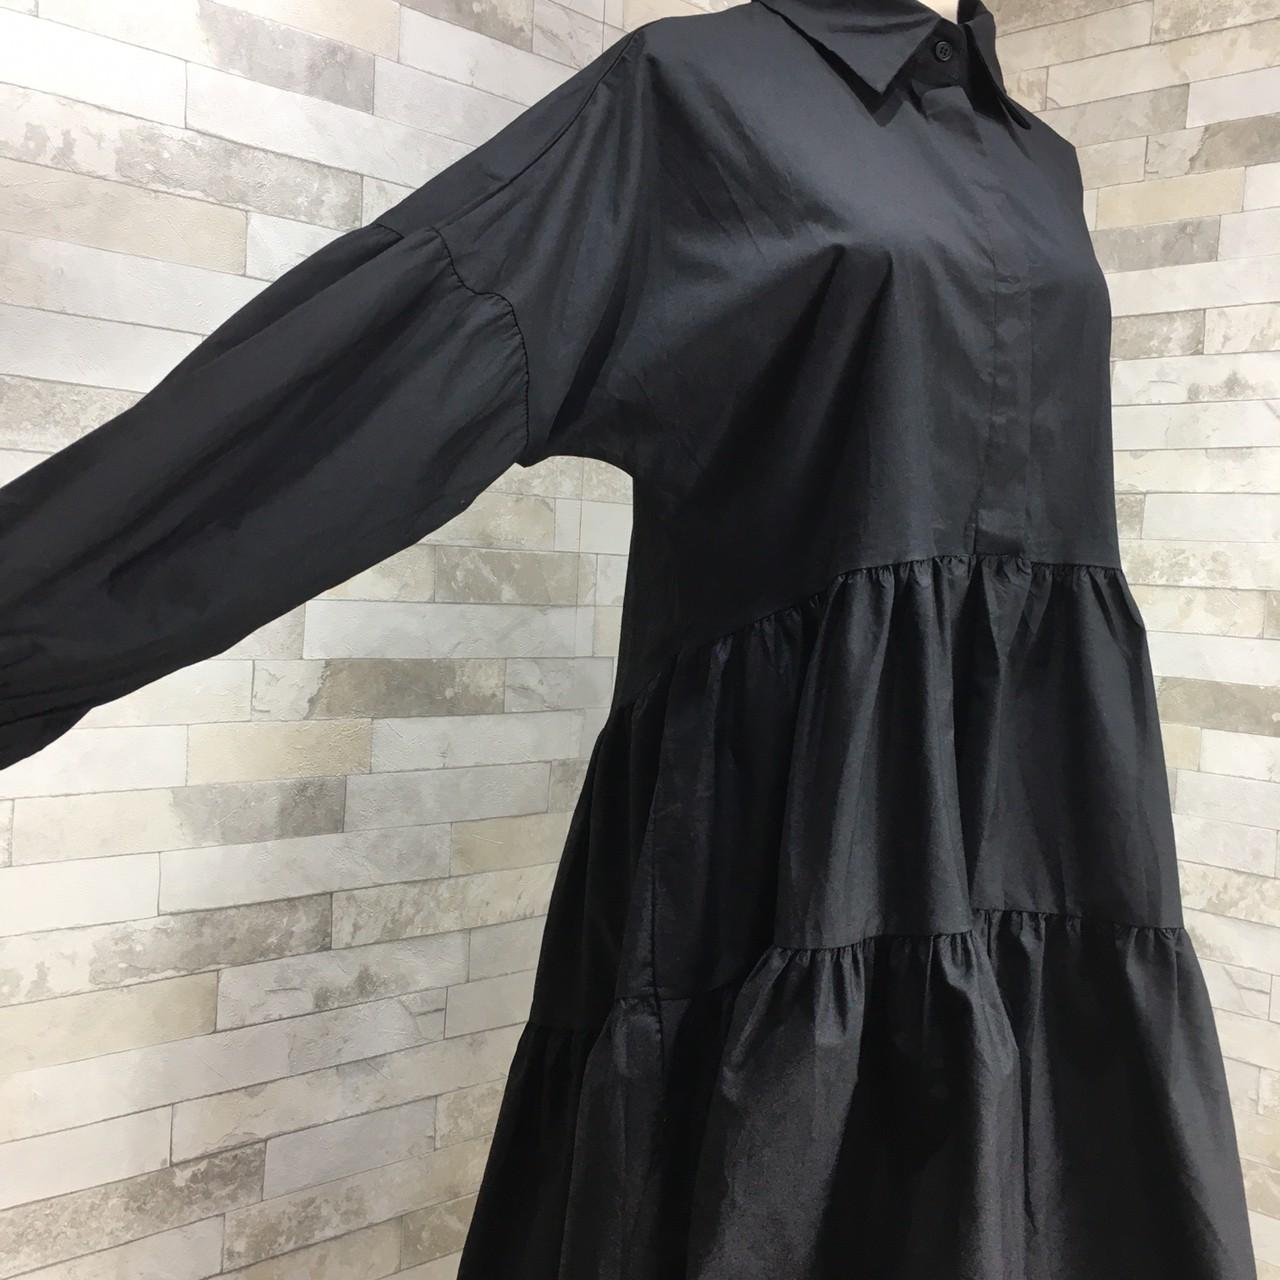 【即納】韓国 ファッション ワンピース 春 夏 秋 カジュアル SPTXI149  ティアード ドレープ ギャザー ゆったり オルチャン シンプル 定番 セレカジの写真17枚目